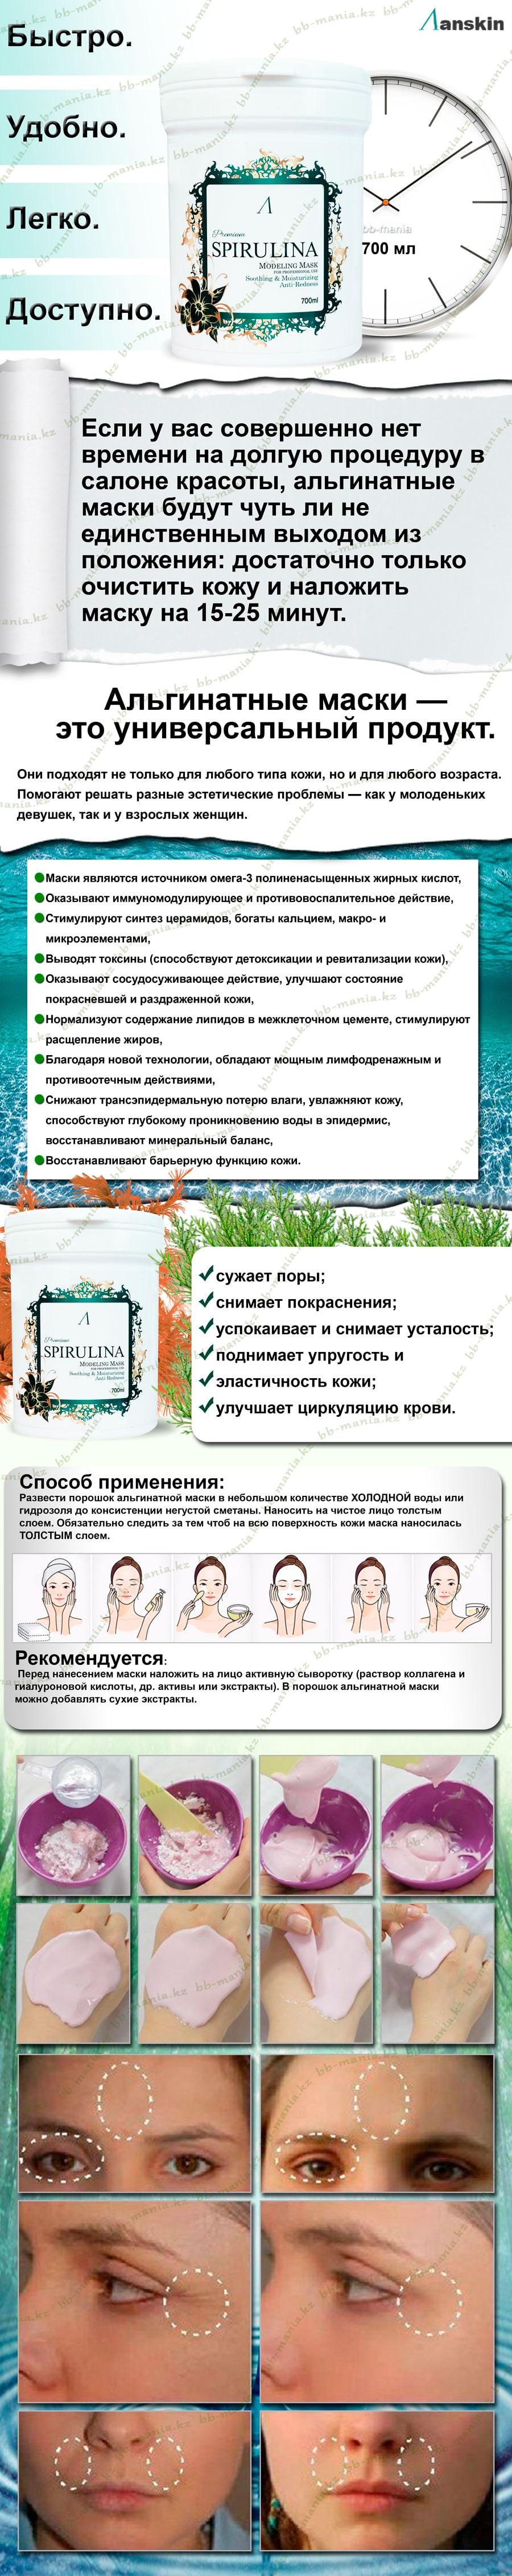 Spirulina---маска-с-противовоспалительным-действием-min